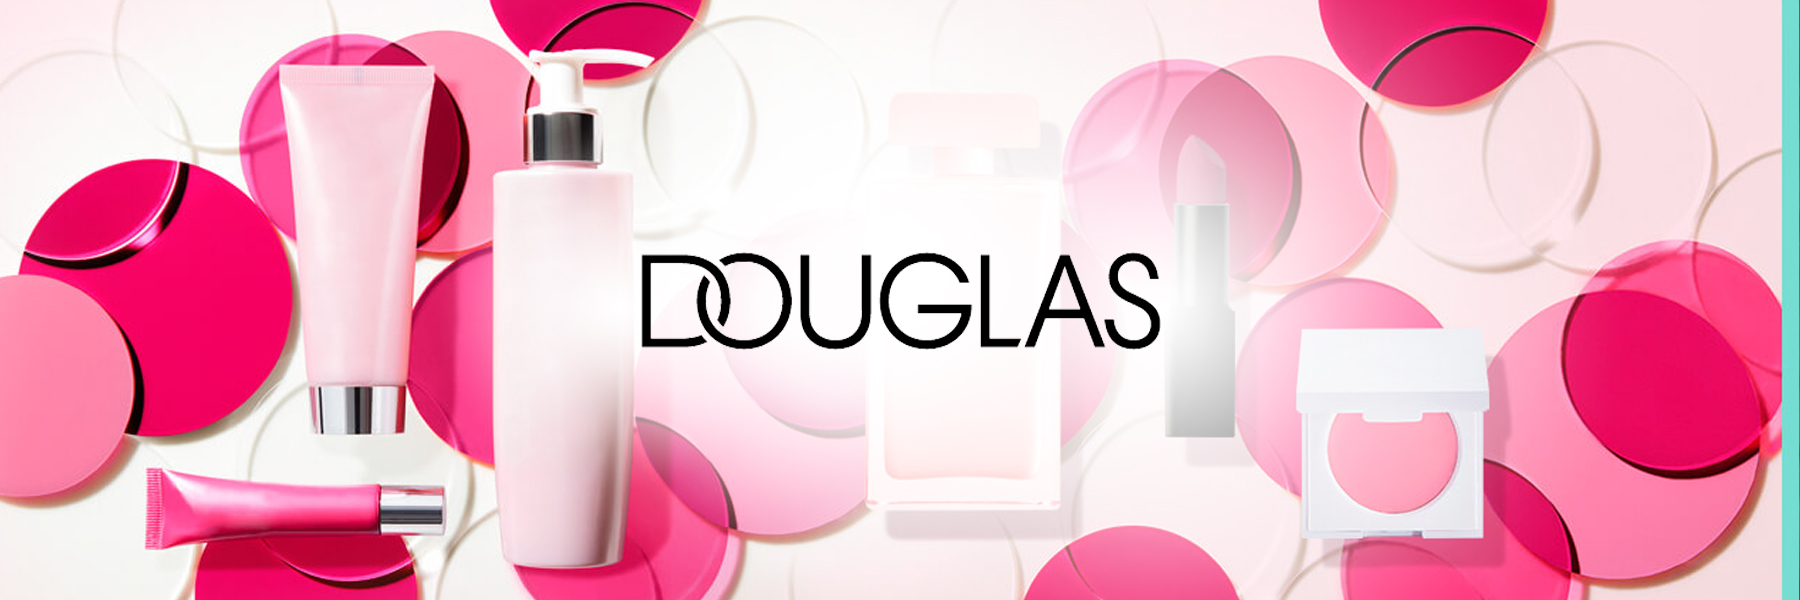 Grandes rebajas en Douglas